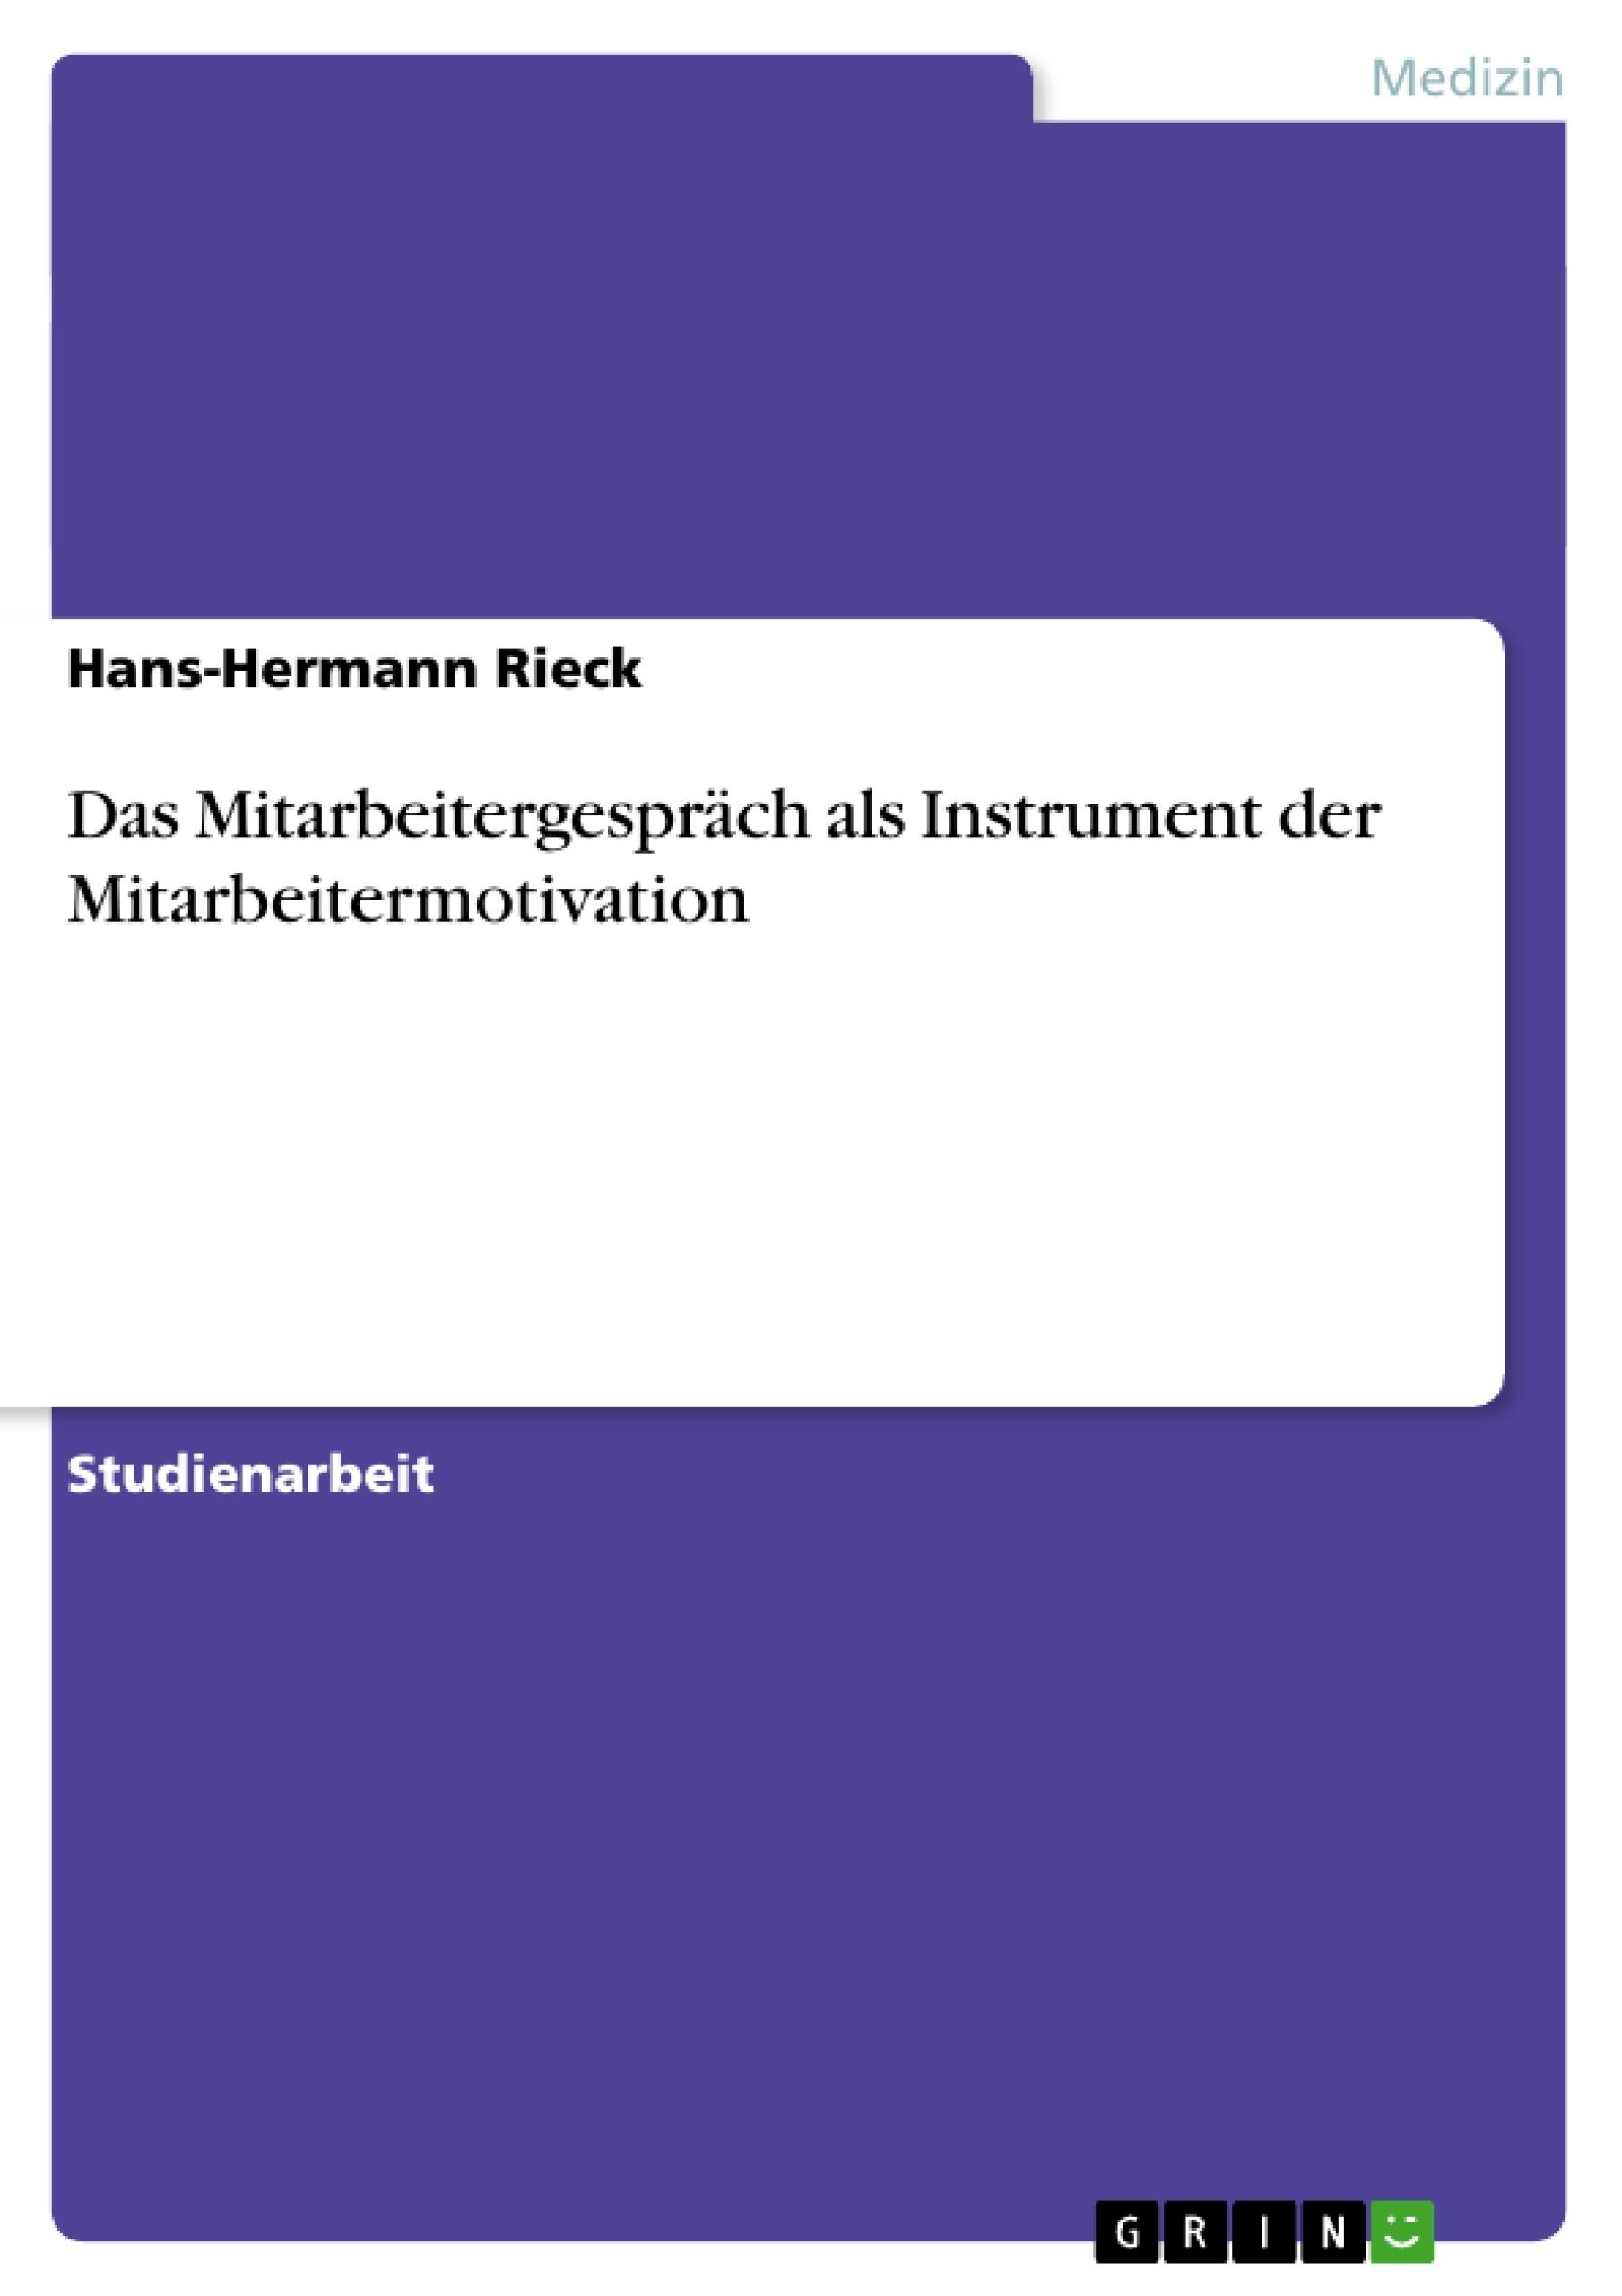 Titel: Das Mitarbeitergespräch als Instrument der Mitarbeitermotivation